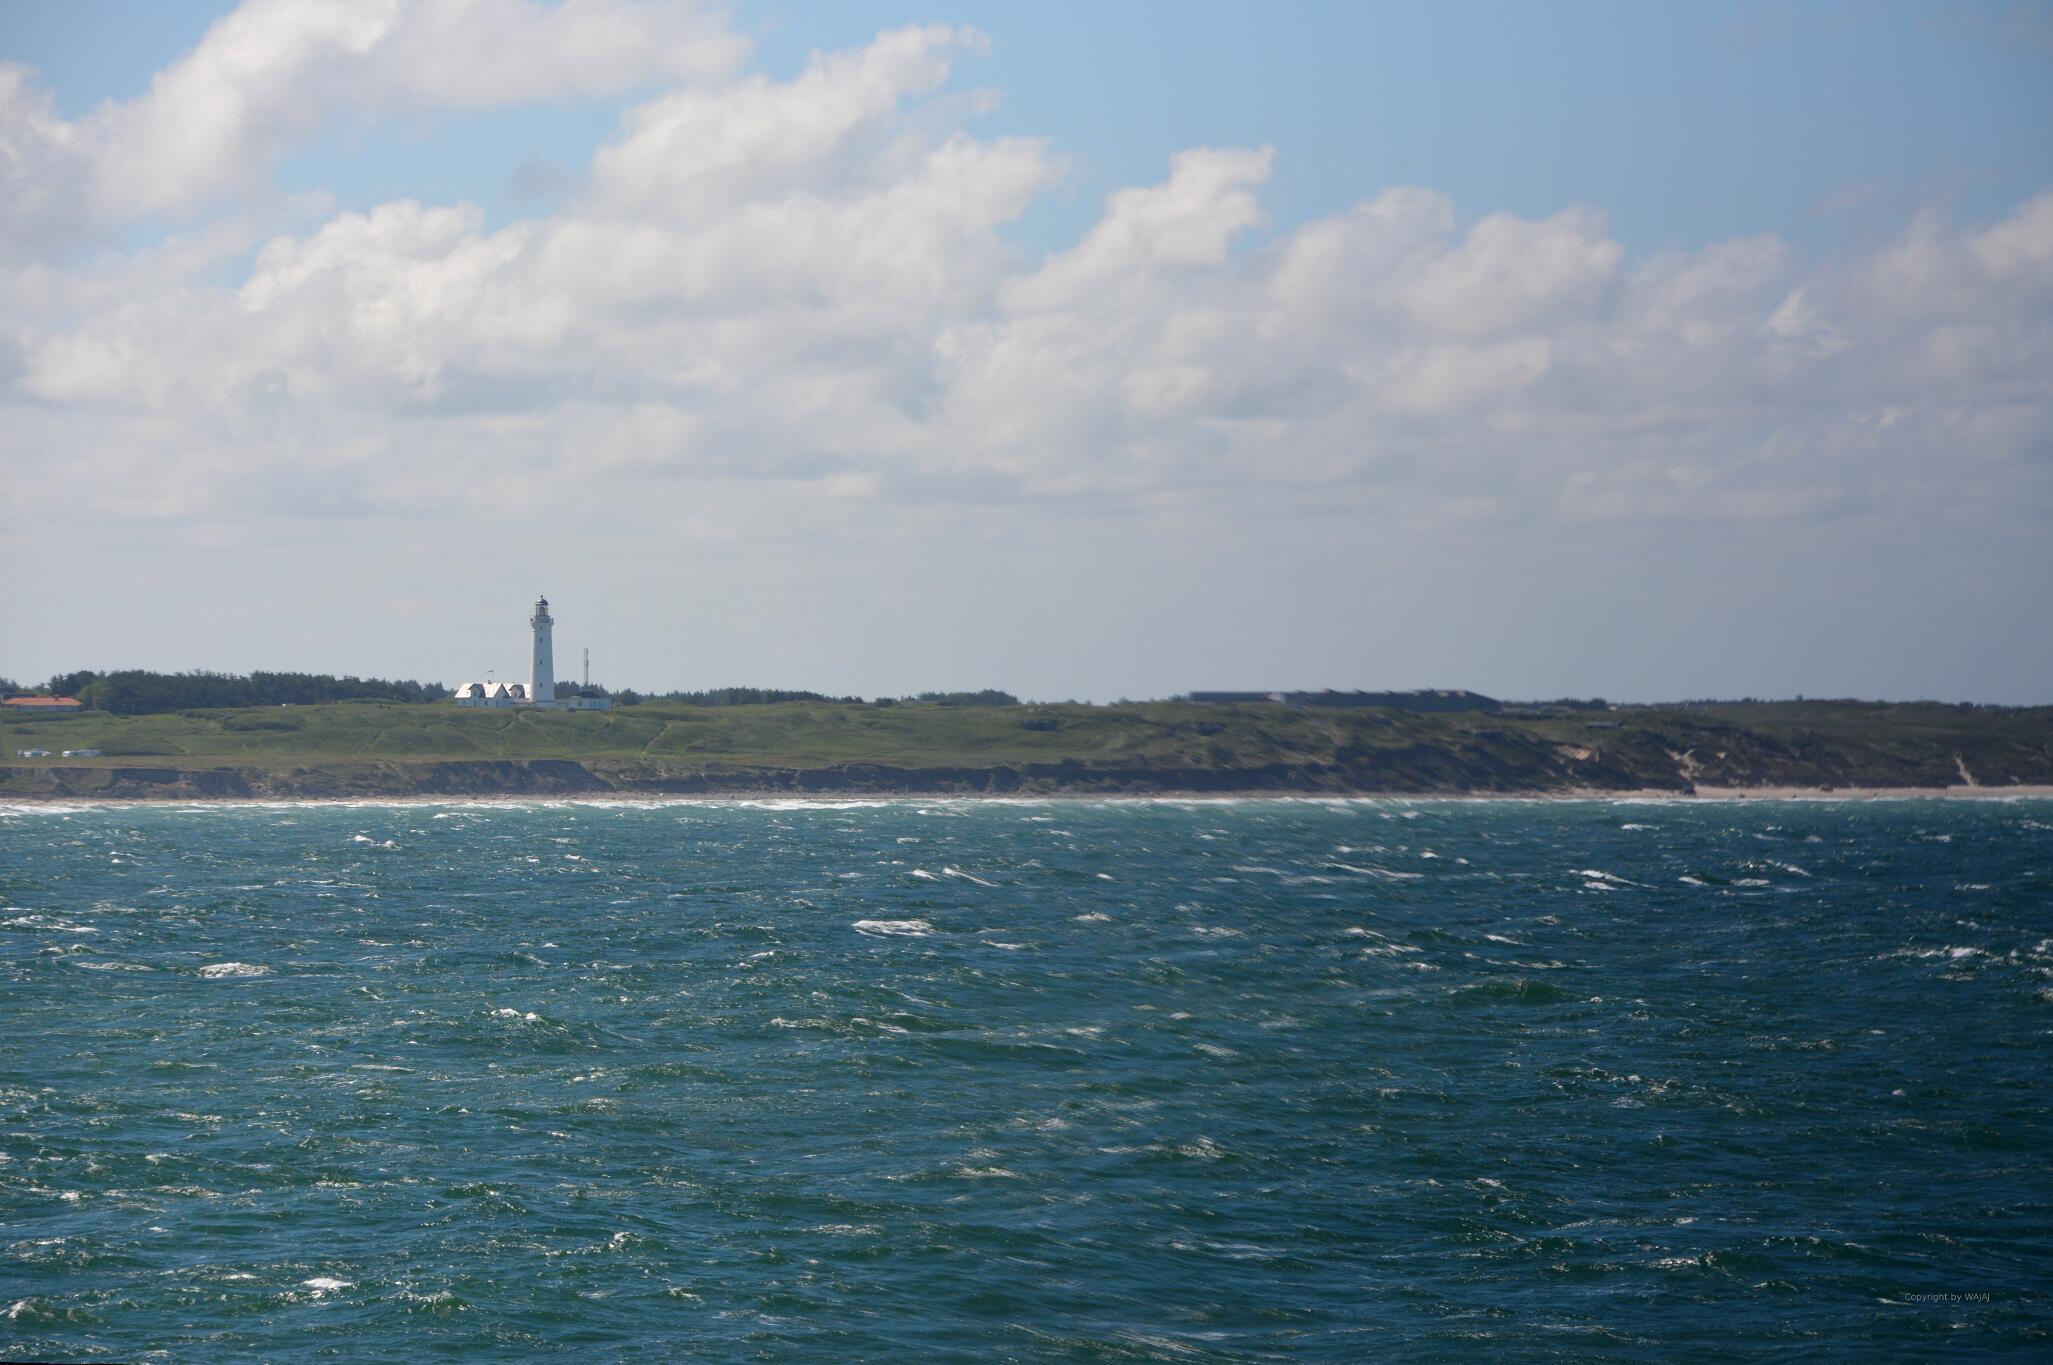 Dänemarks Küste in Sicht